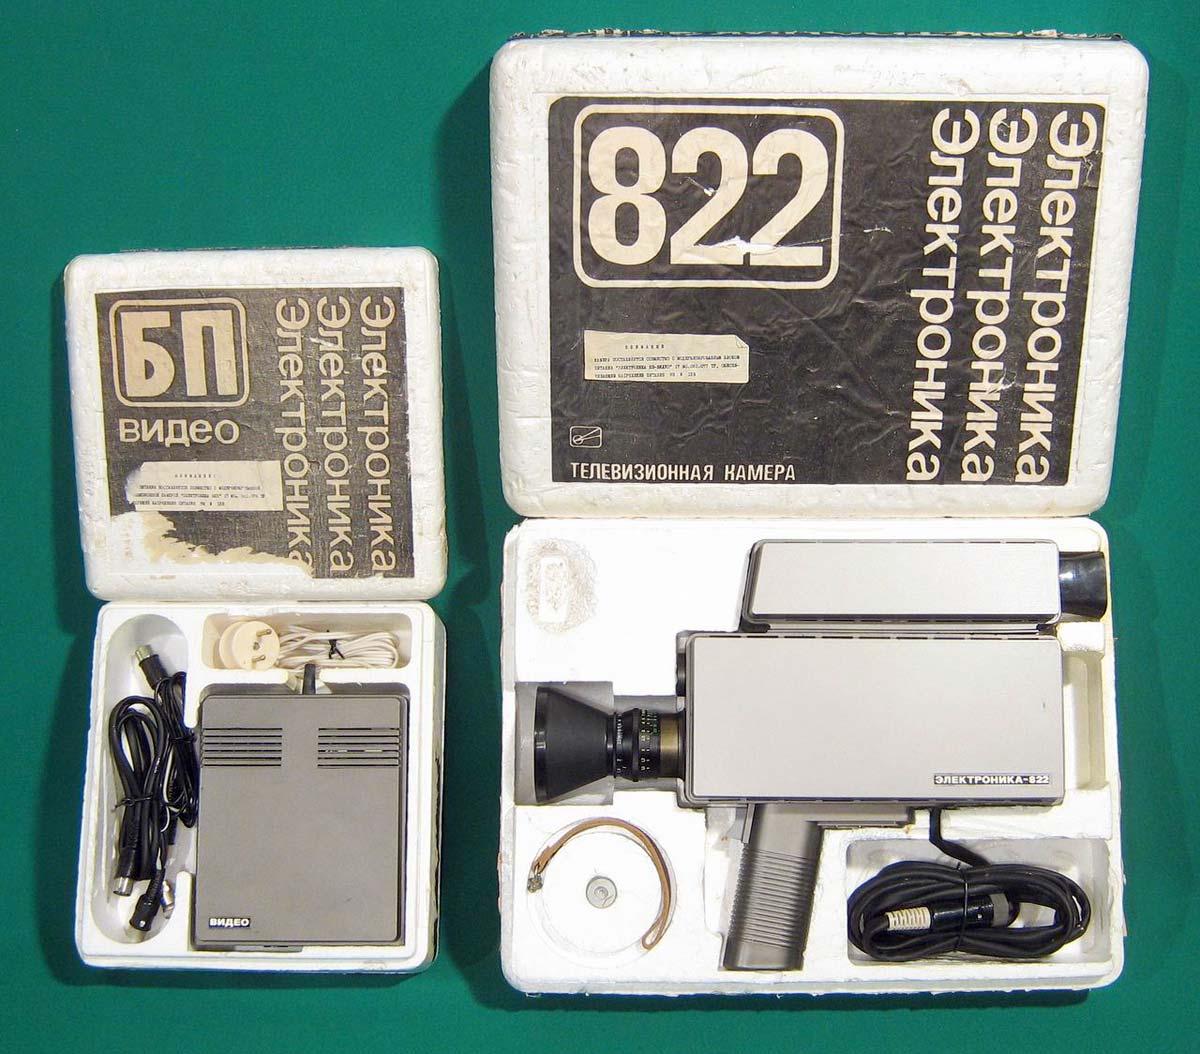 Цифрование - Страница 2 Elektronika822wk00